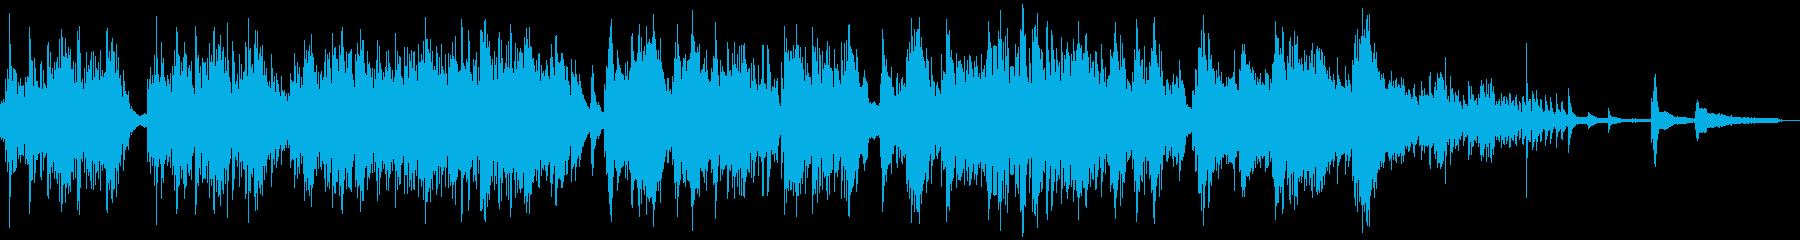 サラサラ ジャズ ポップ ロック ...の再生済みの波形